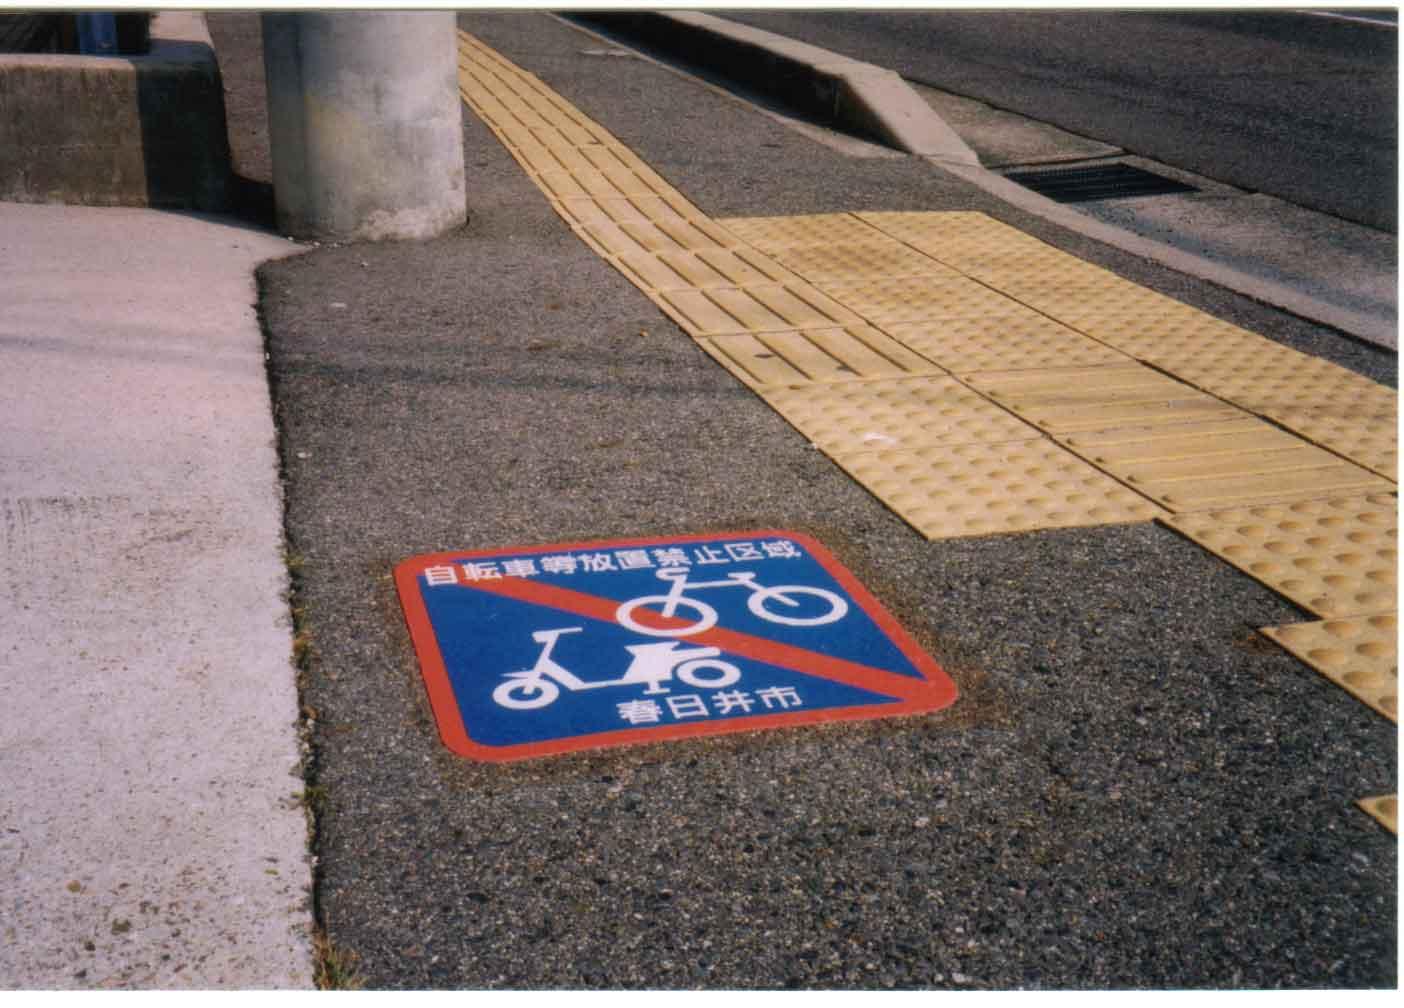 自転車放置禁止マーク 春日井市